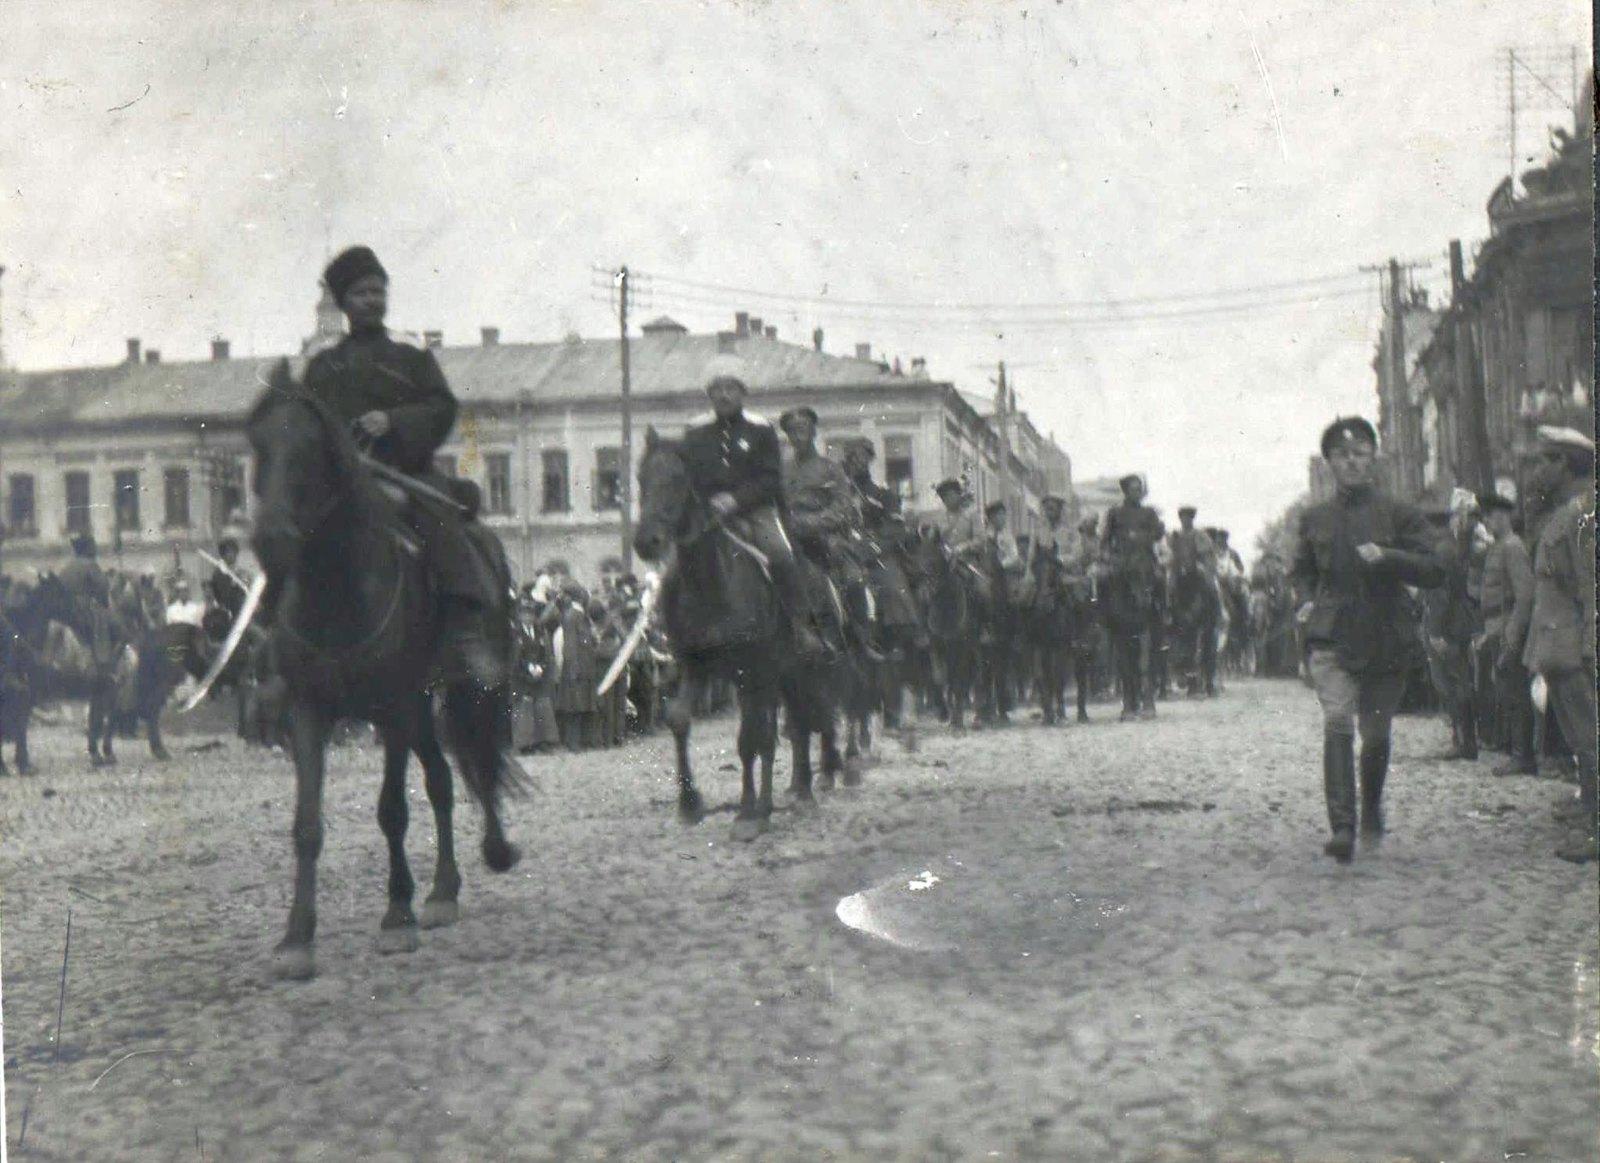 157. 1919. Чествование генерала Кутепова в Харькове